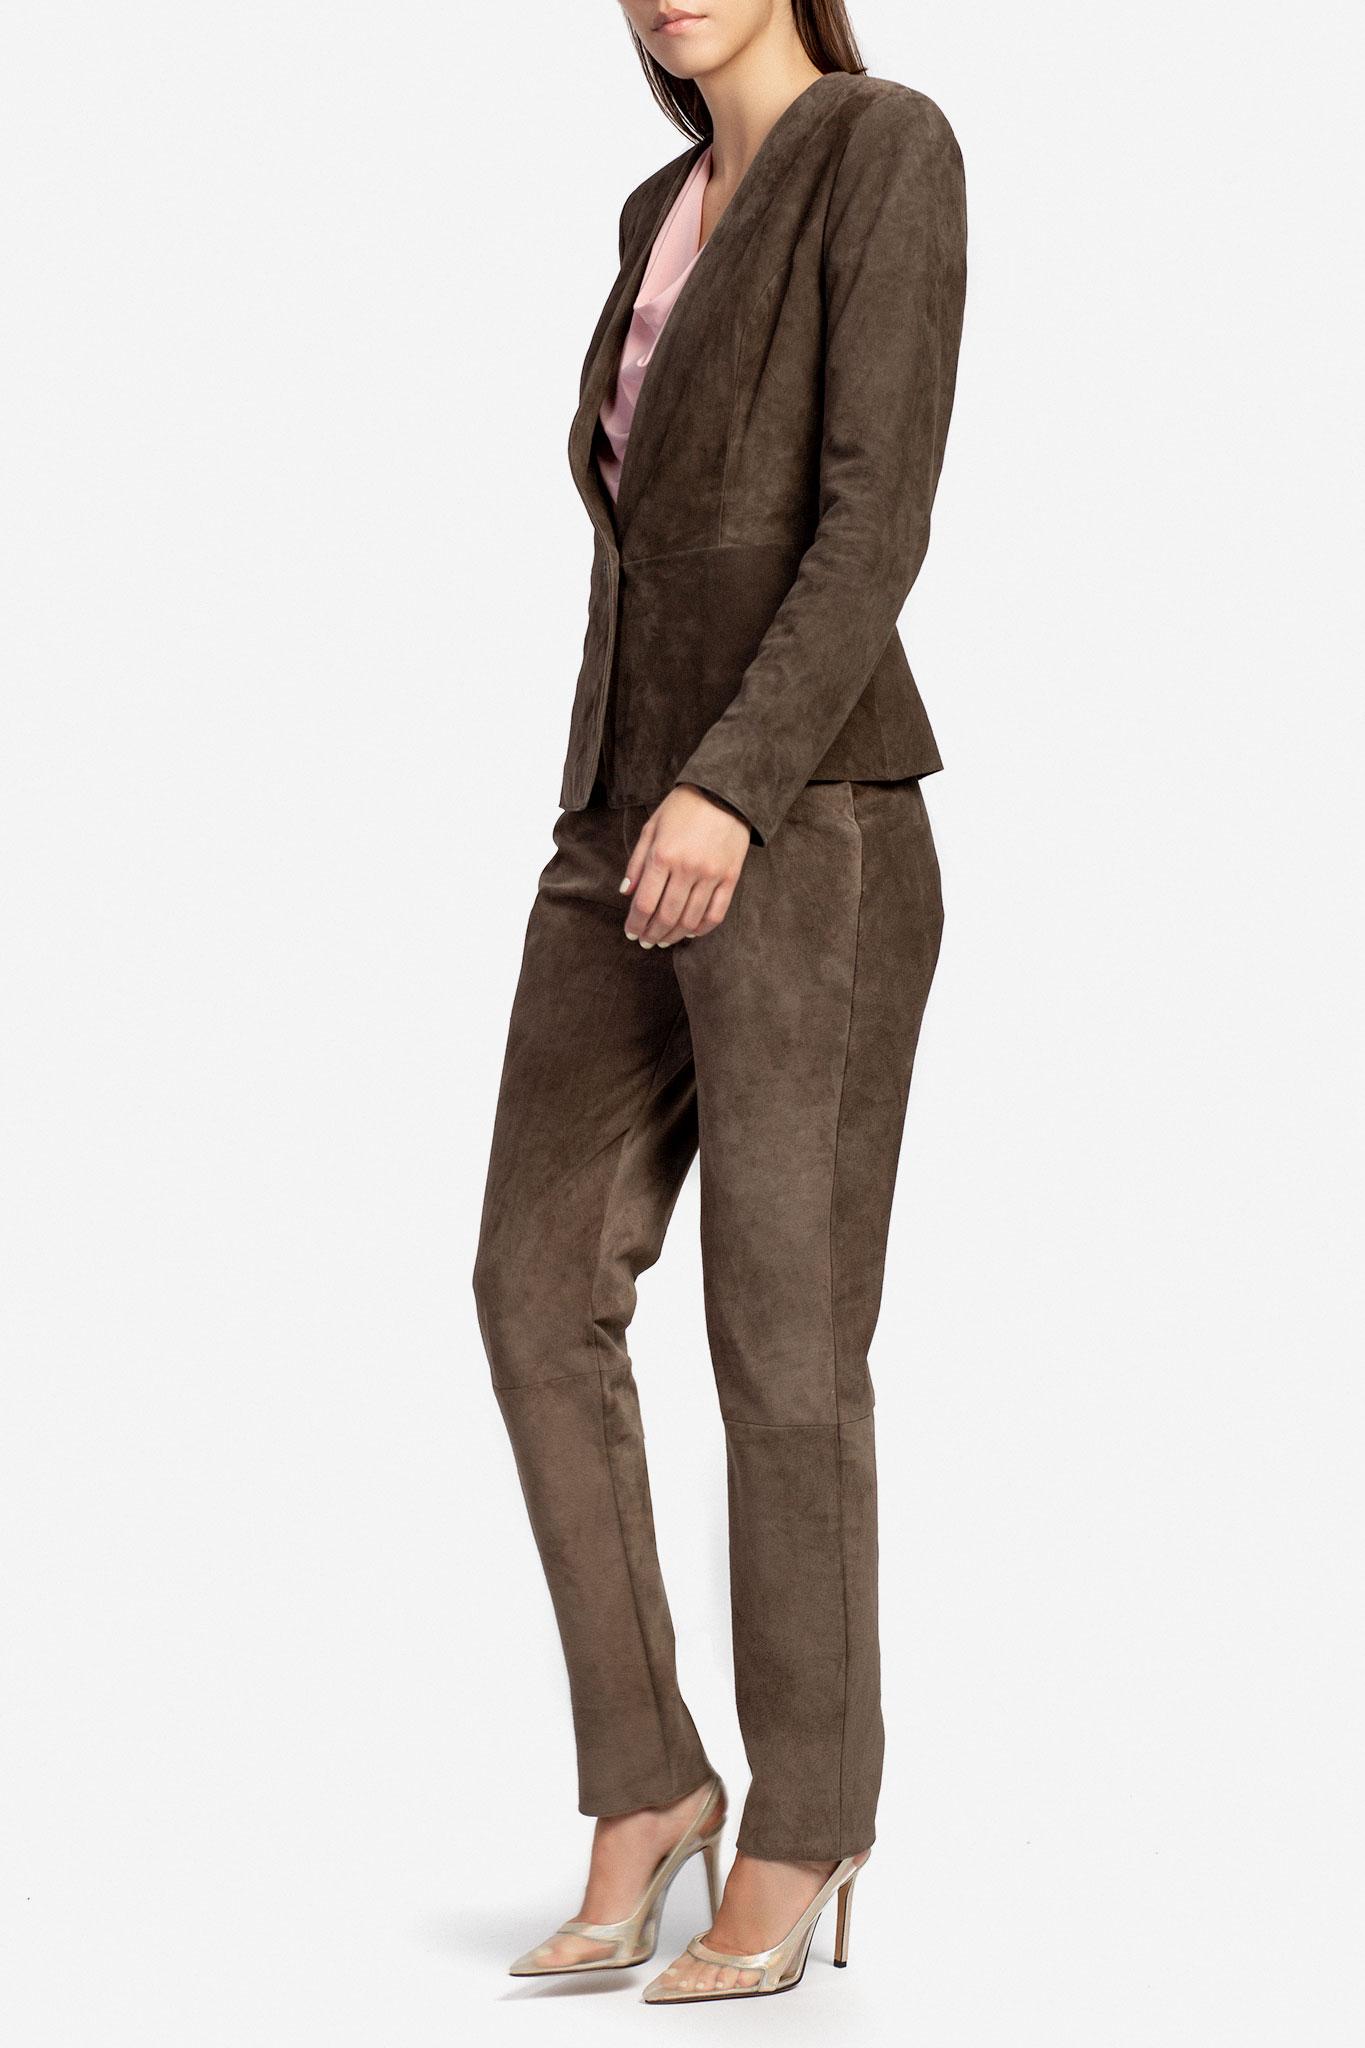 Pantaloni din piele intoarsa Acob a Porter imagine 0